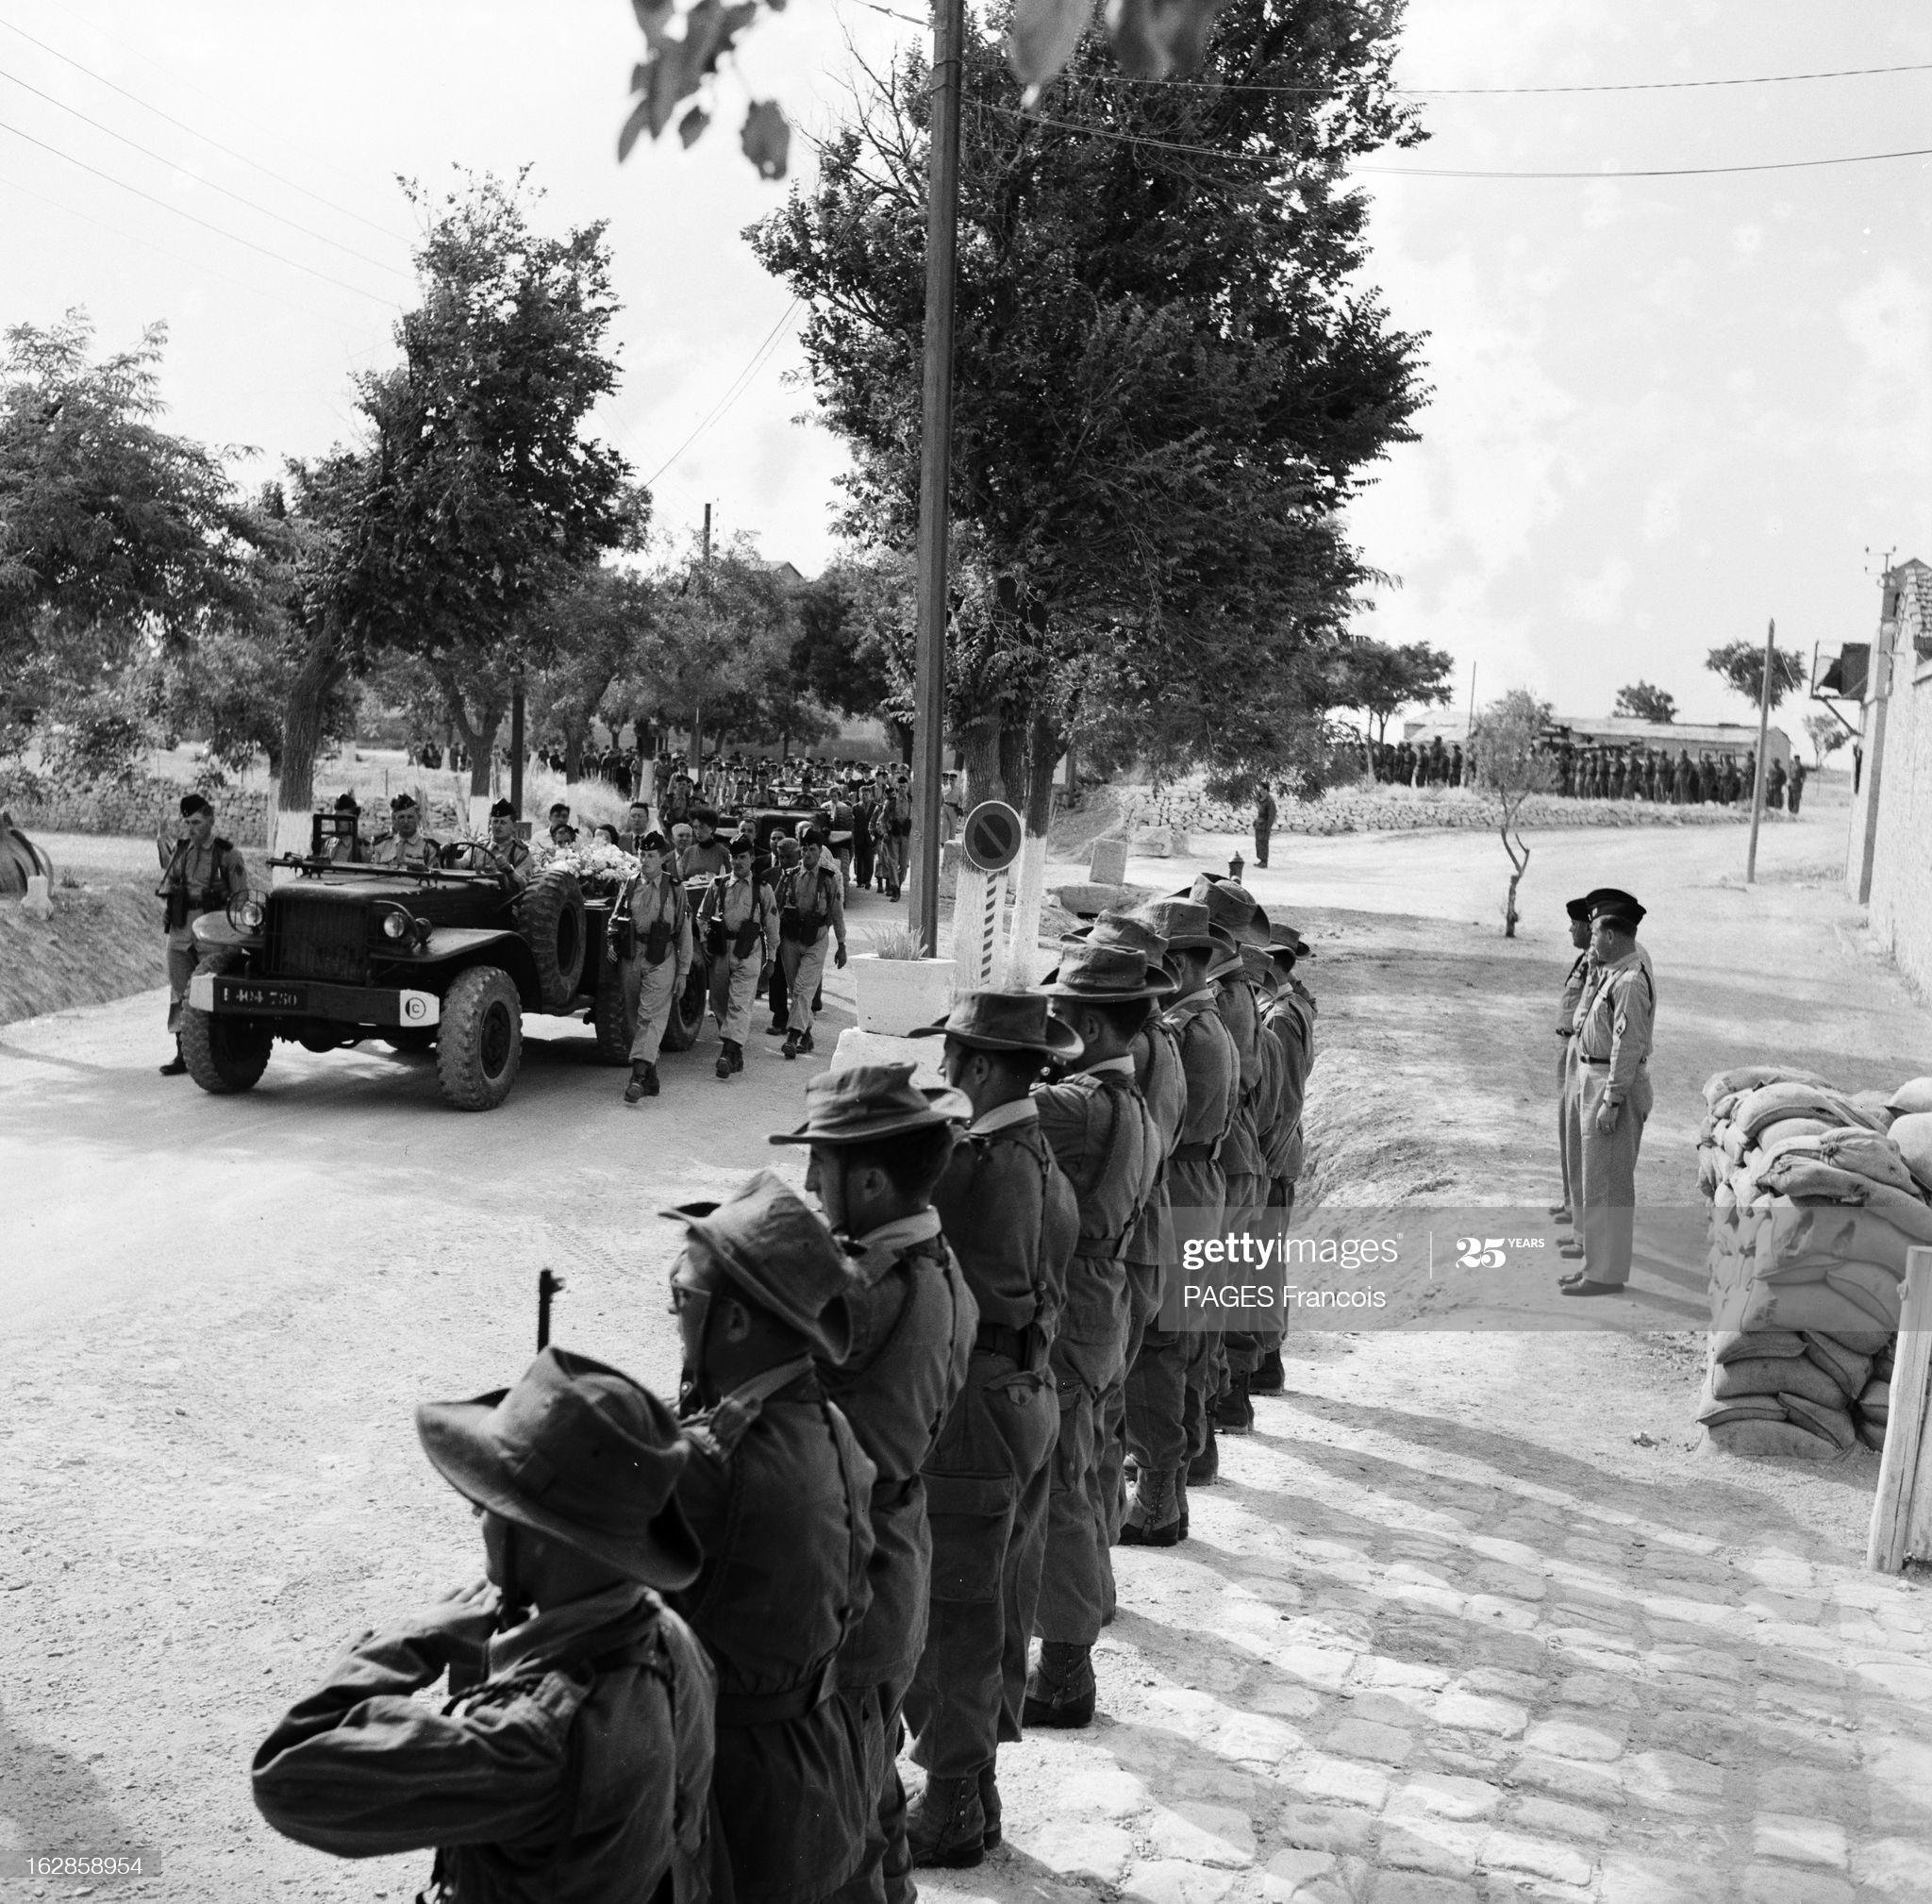 Аин Бейда похороны 3 детей июнь 1956 Ф паж3.jpg